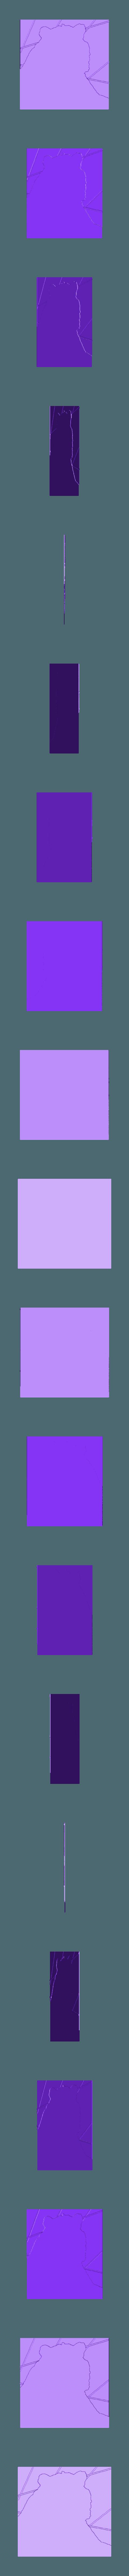 Apophis_bkg.stl Télécharger fichier STL gratuit Apophis, In-Sync Exotics • Modèle pour impression 3D, JayOmega